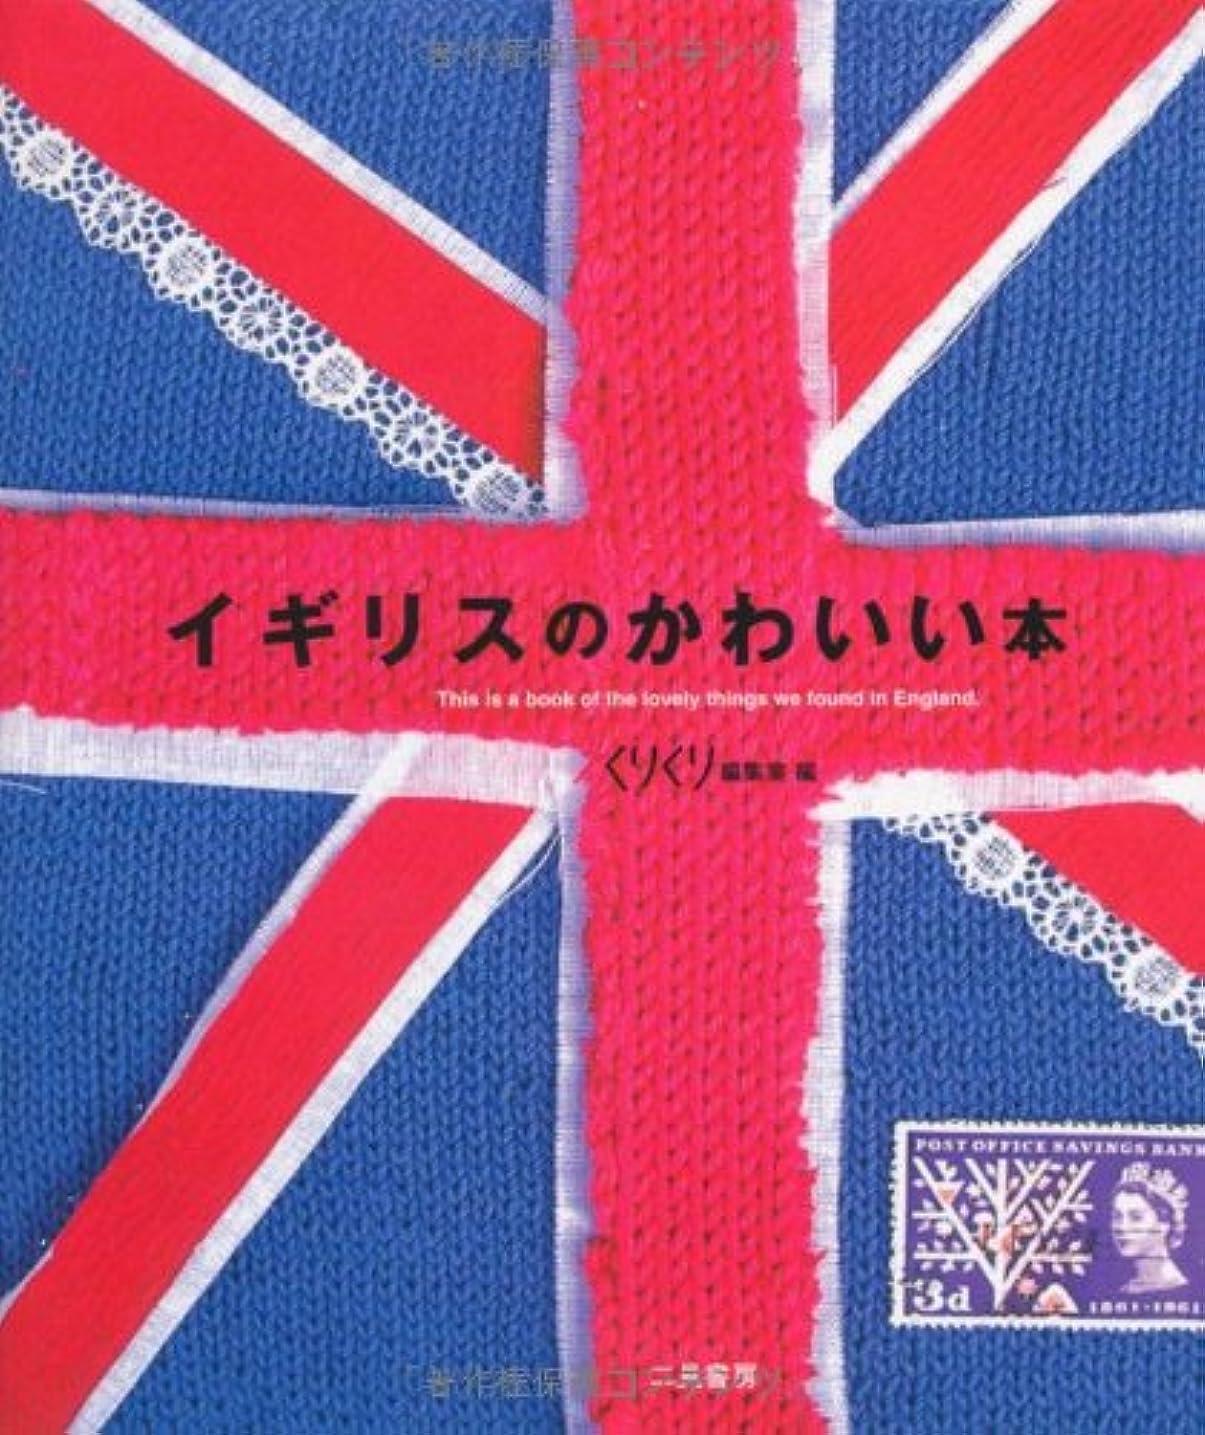 へこみ盲目冷凍庫イギリスのかわいい本